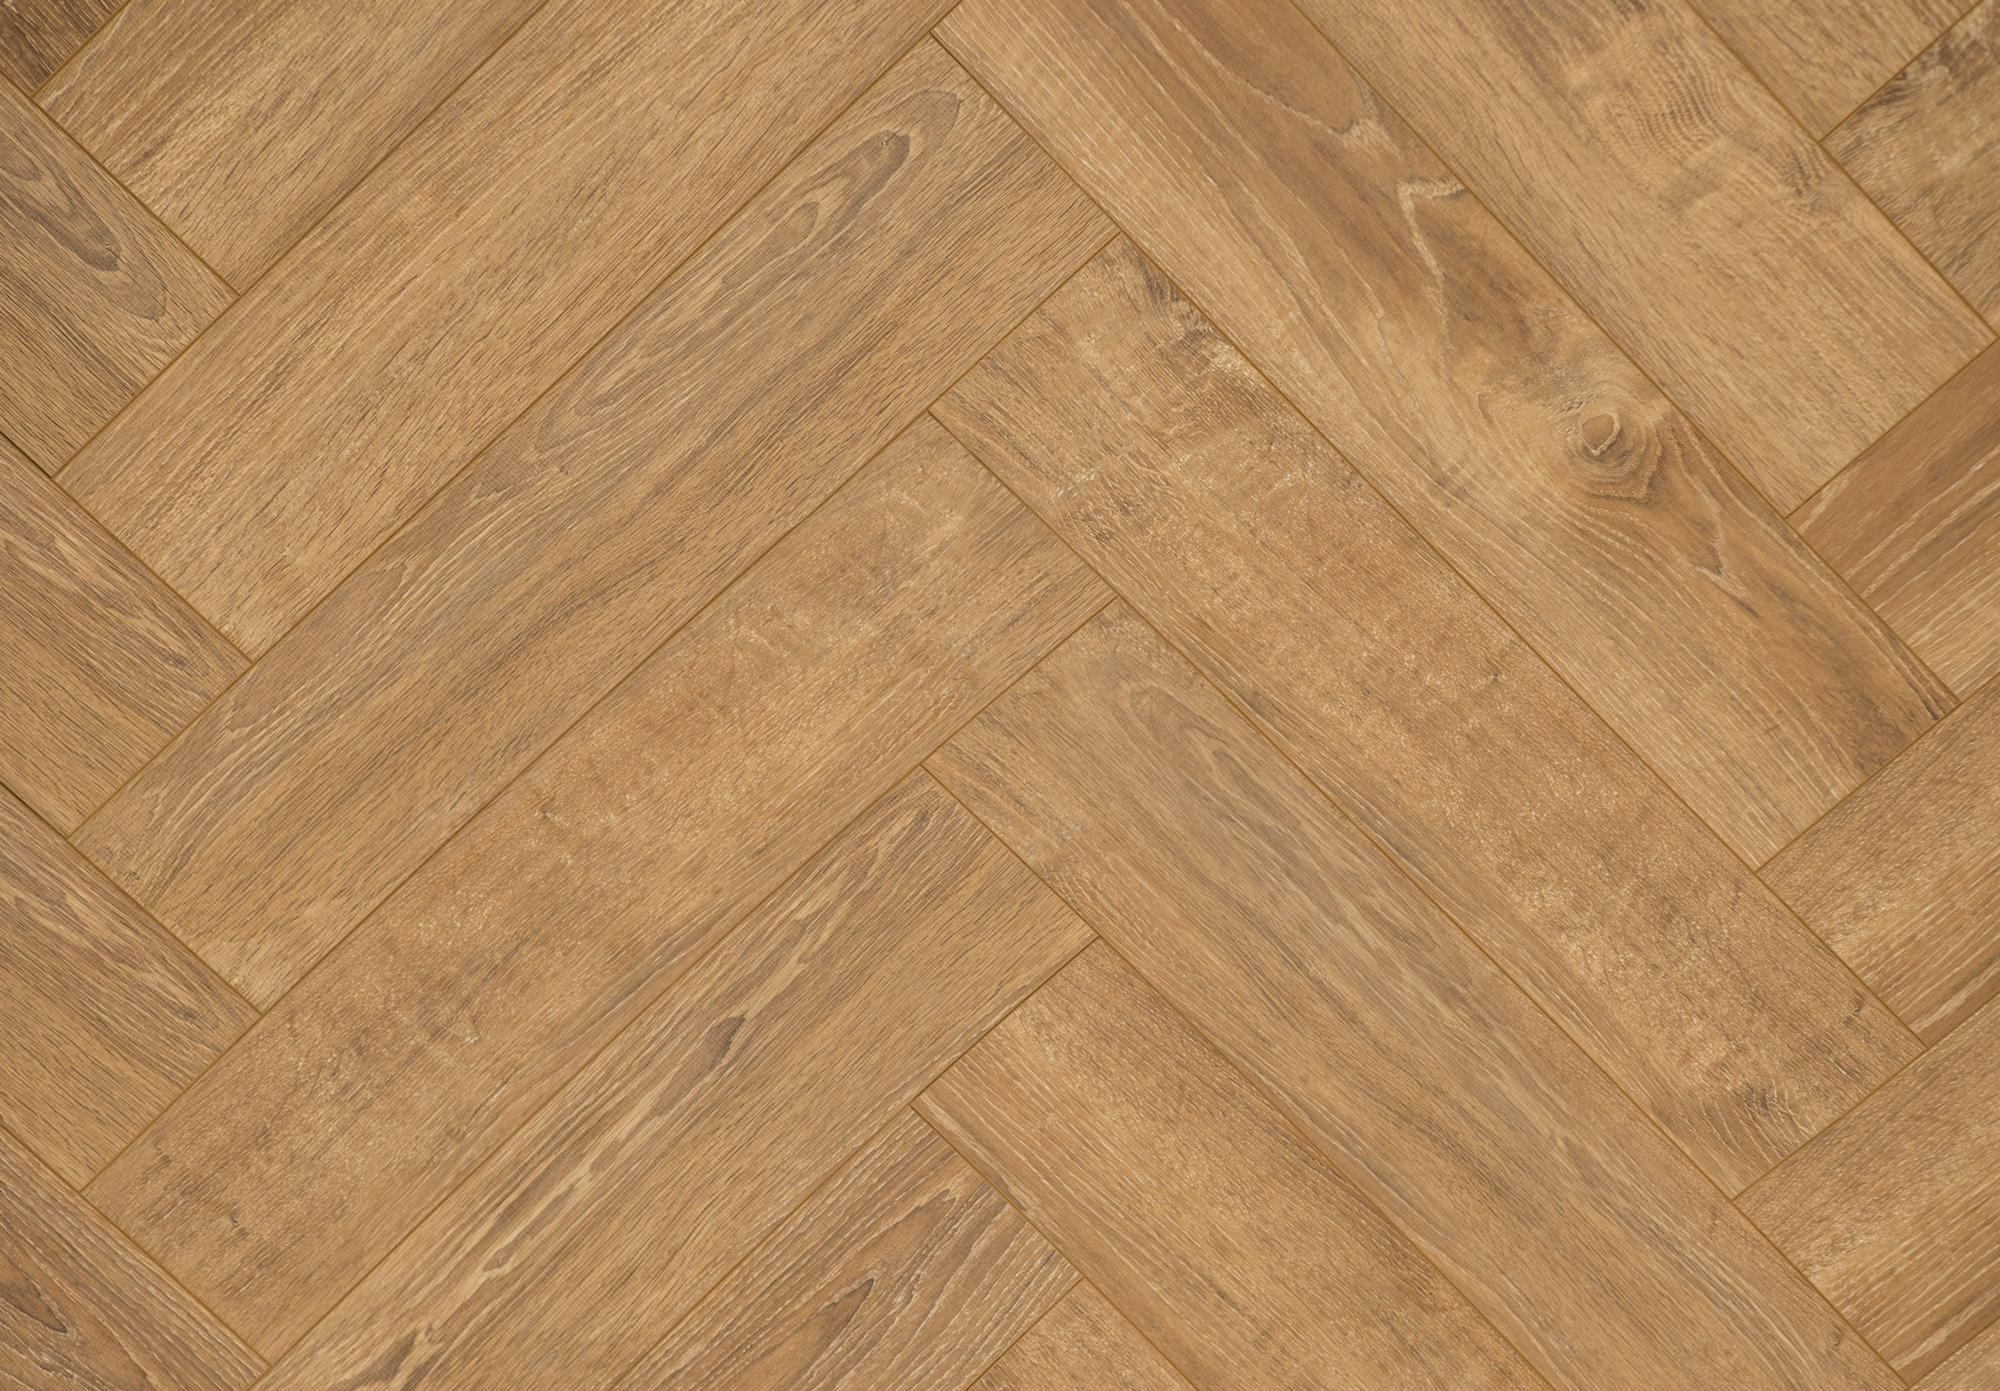 Floer visgraat laminaat vloeren gerookt eiken patroon vloer